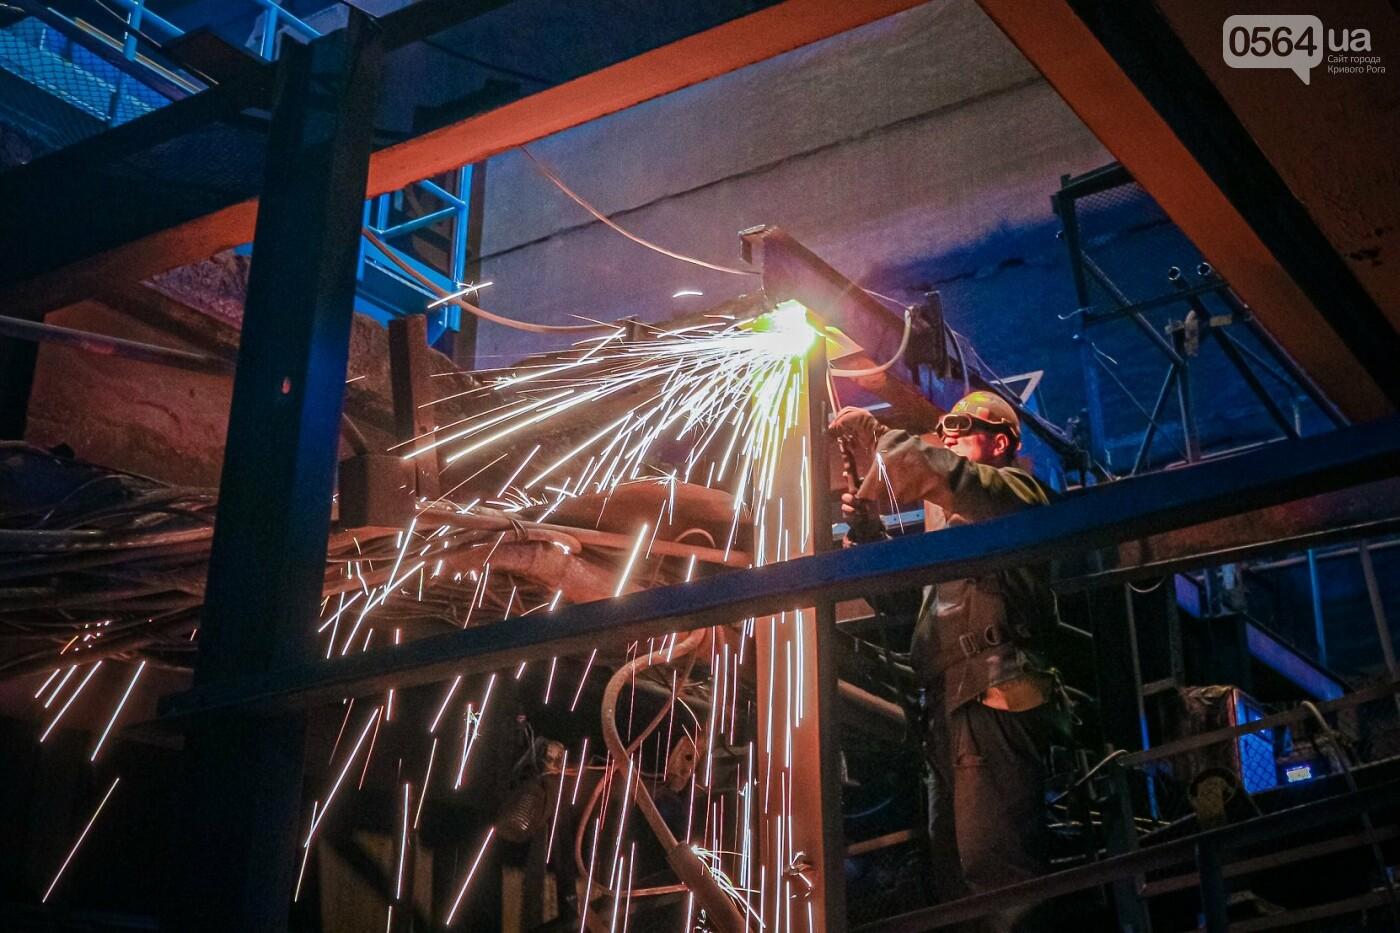 Ориентир на потребителя: на Северном ГОКе компании Метинвест внедряют технологии для повышения качества готовой продукции, фото-1